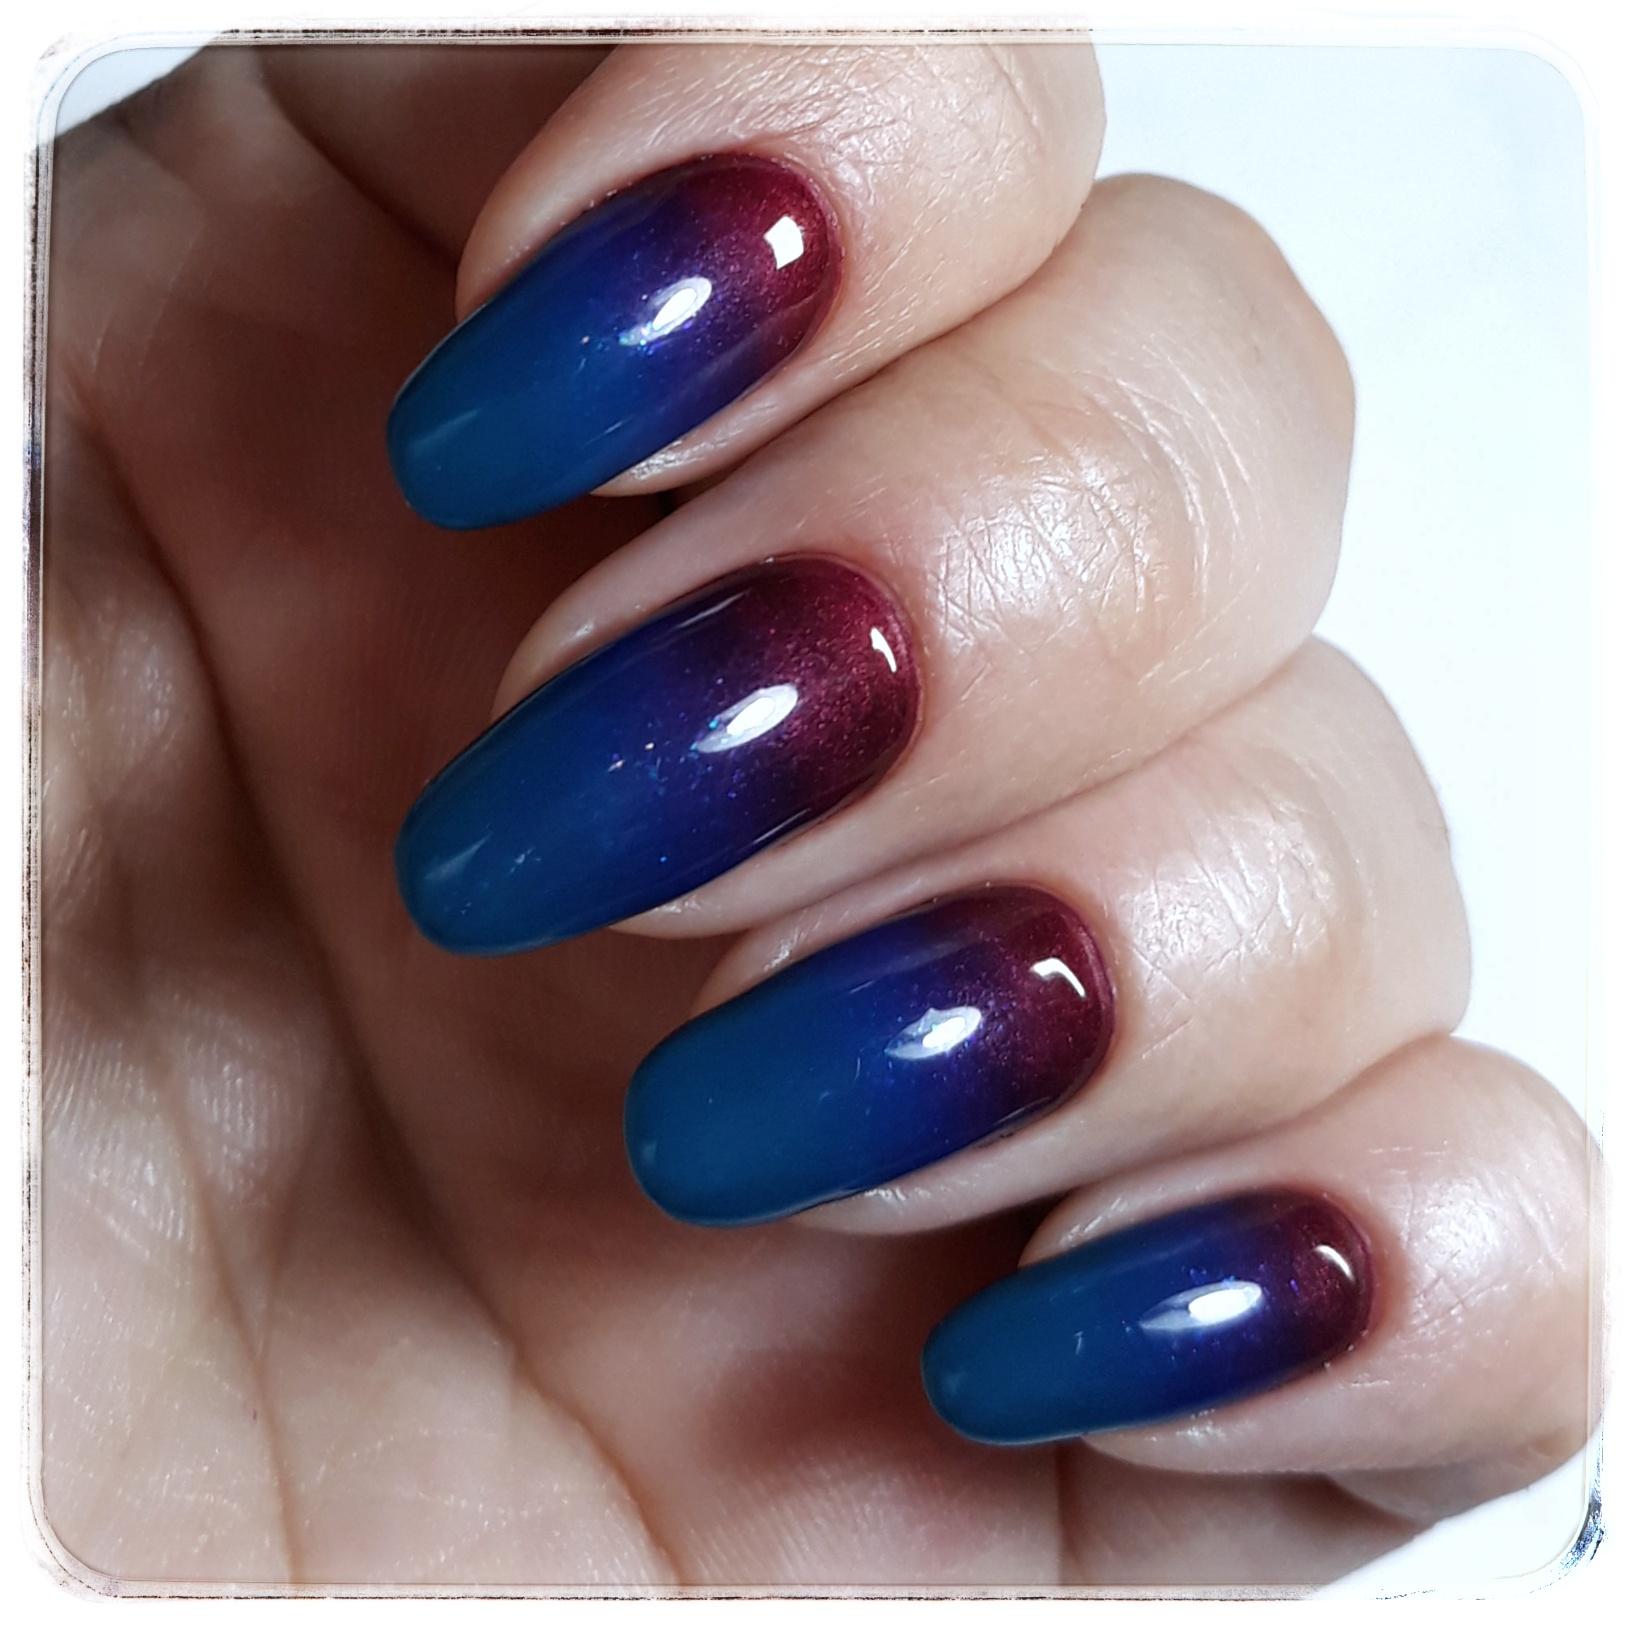 Маникюр с градиентом в синем цвете на длинные ногти.